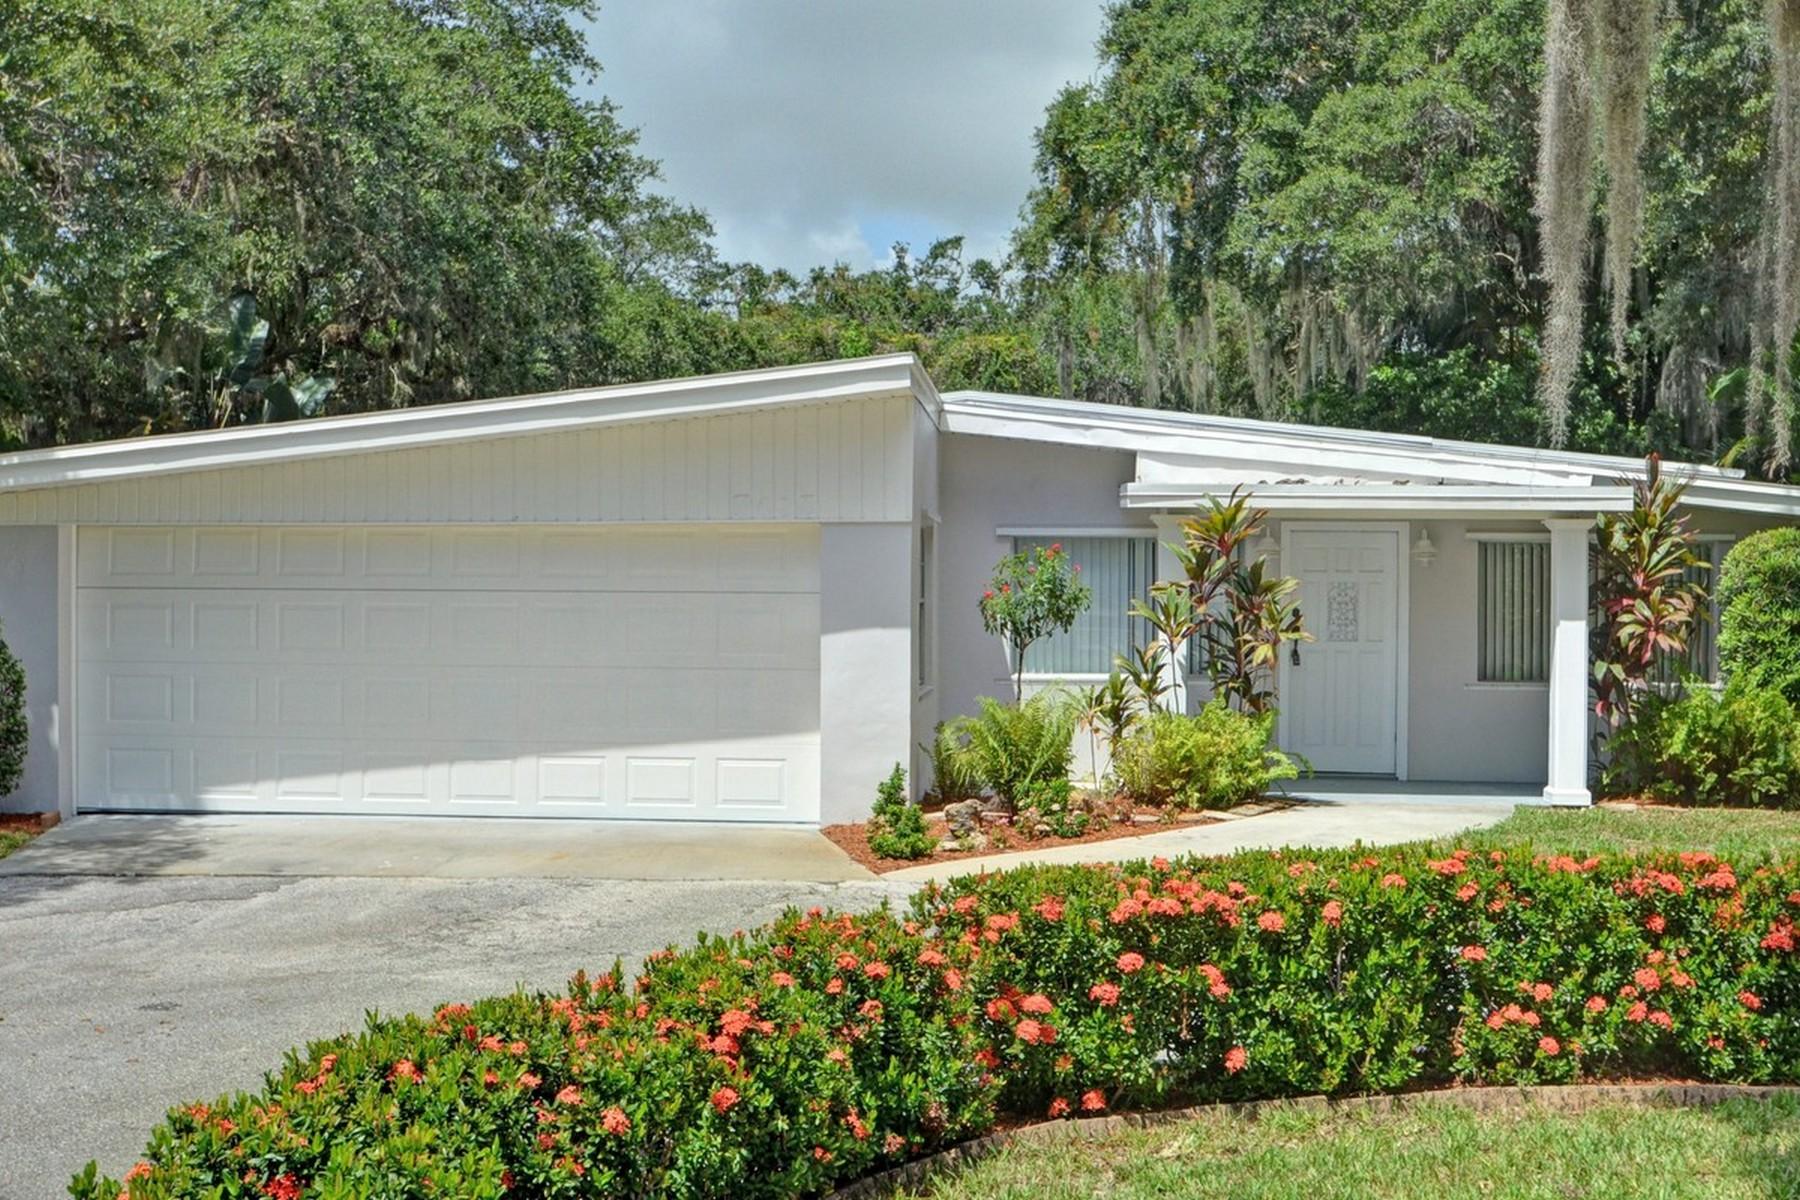 Maison unifamiliale pour l Vente à Central Beach Home 3615 Indian River Drive Vero Beach, Florida, 32963 États-Unis